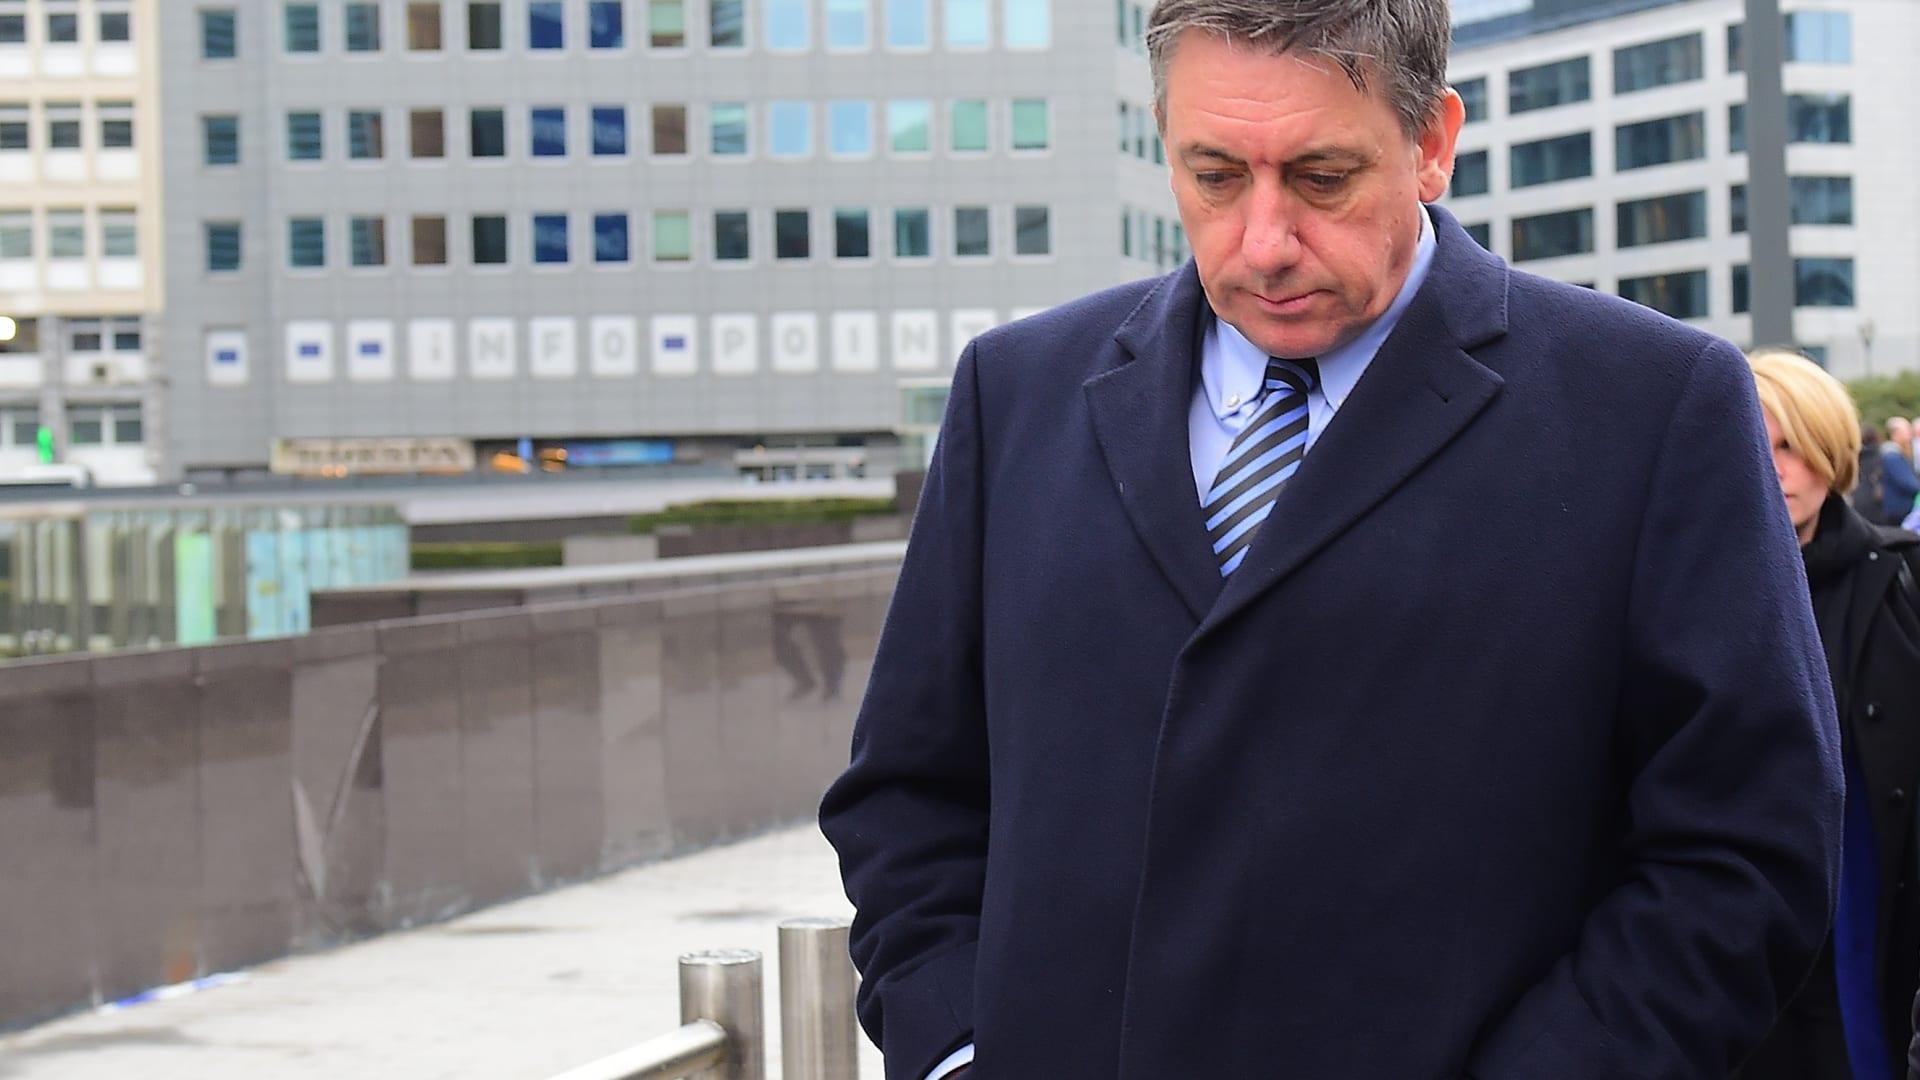 وزير الداخلية البلجيكي يعرض استقالته بعد انتقادات لعدم اعتقال إبراهيم البكراوي رغم التحذير التركي